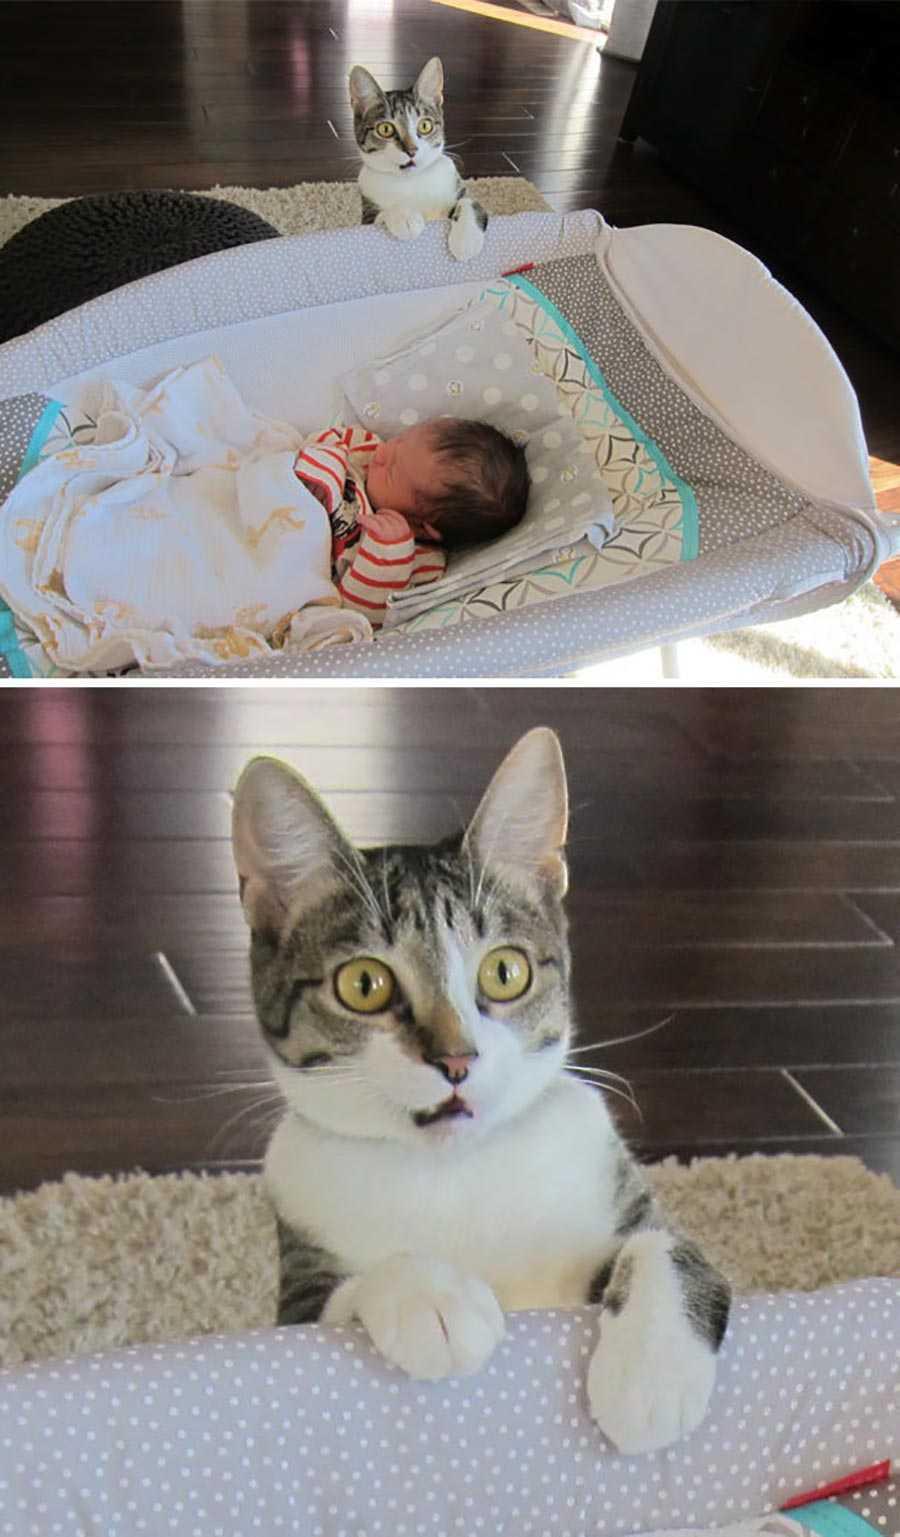 اولین باری که گربه، عضوی کوچک و جدیدی از خانواده را می بیند.